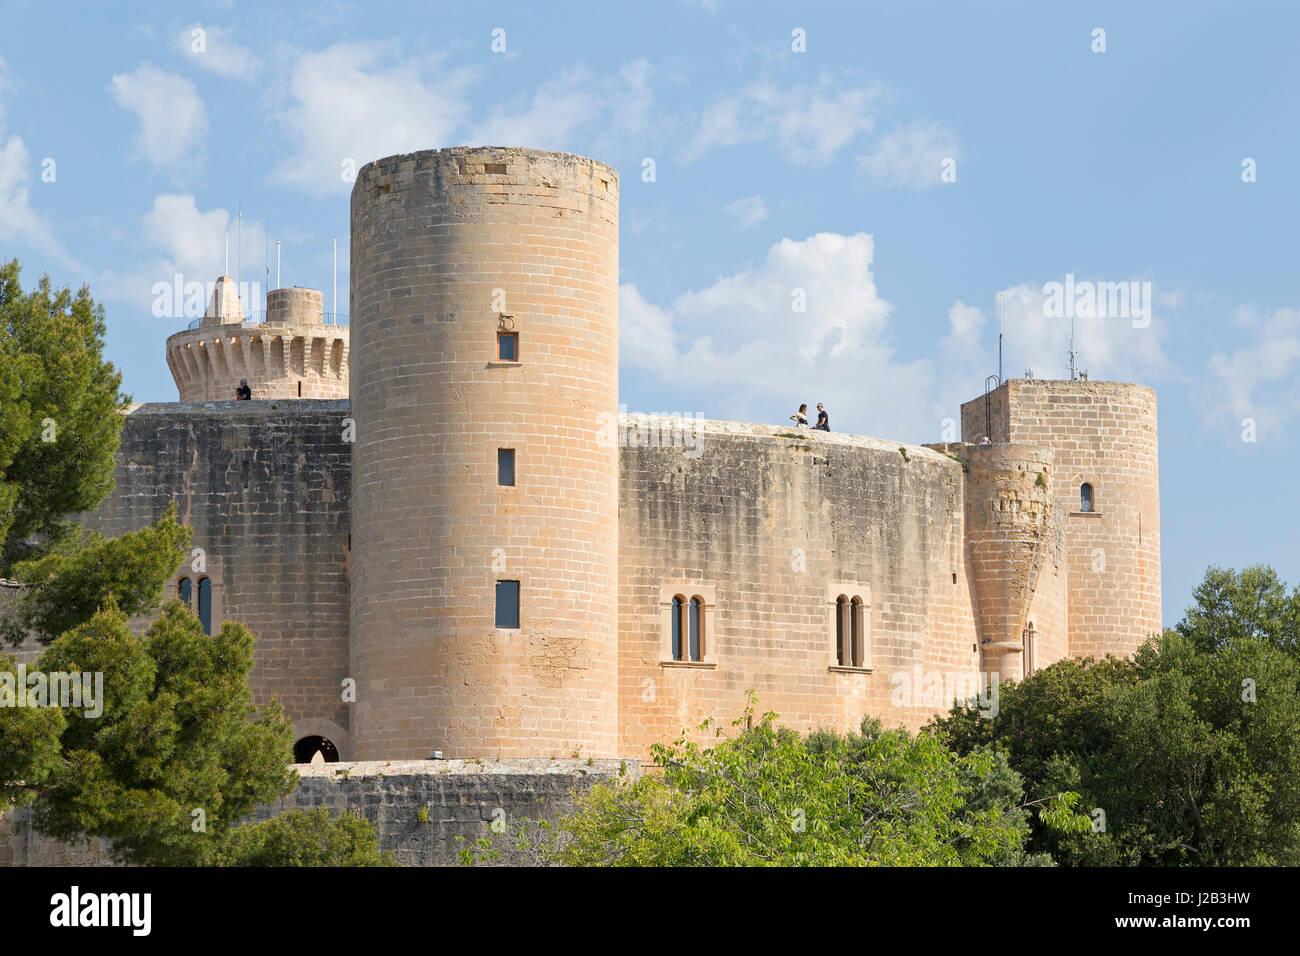 Castell de Bellver in Palma de Mallorca, Spain - Stock Image